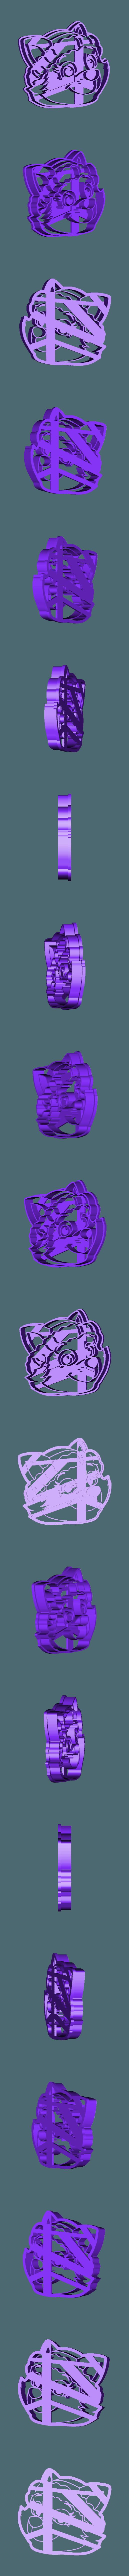 Everest.stl Télécharger fichier STL gratuit Pack patrouille de patrouilles x 5 + logo - Coupe-cookie • Design imprimable en 3D, Taladrodesing